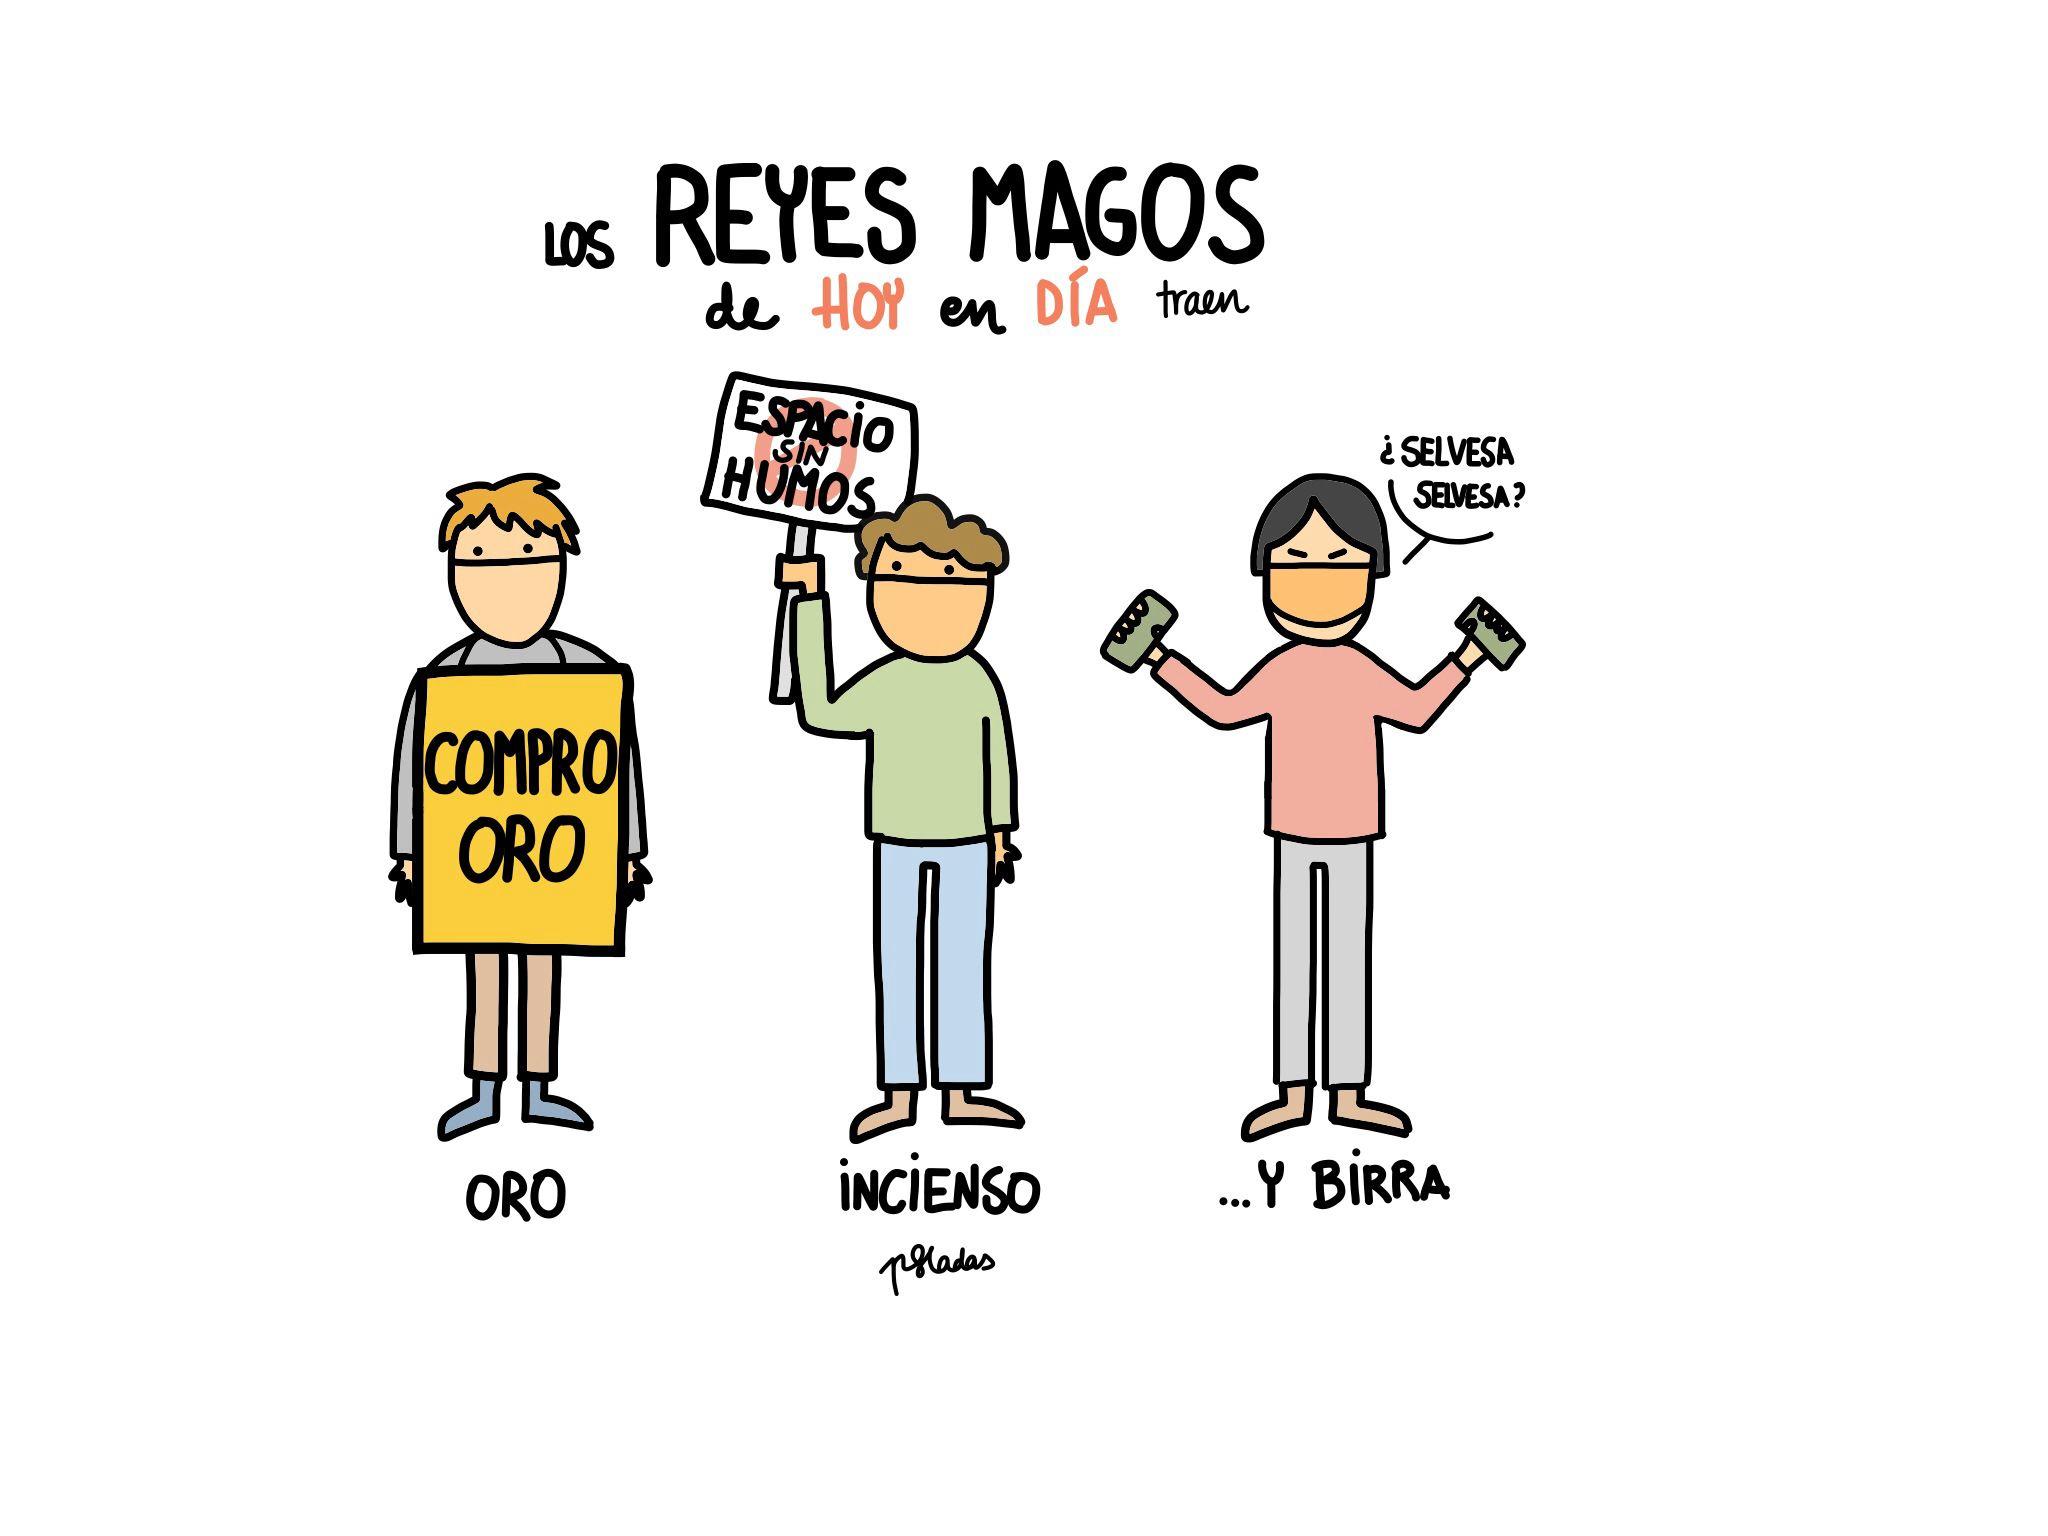 Reyes magos de hoy en día #Humor #Risas #jajaja #Fun #Jokes #Funny | Funny, Imágenes graciosas, Humor